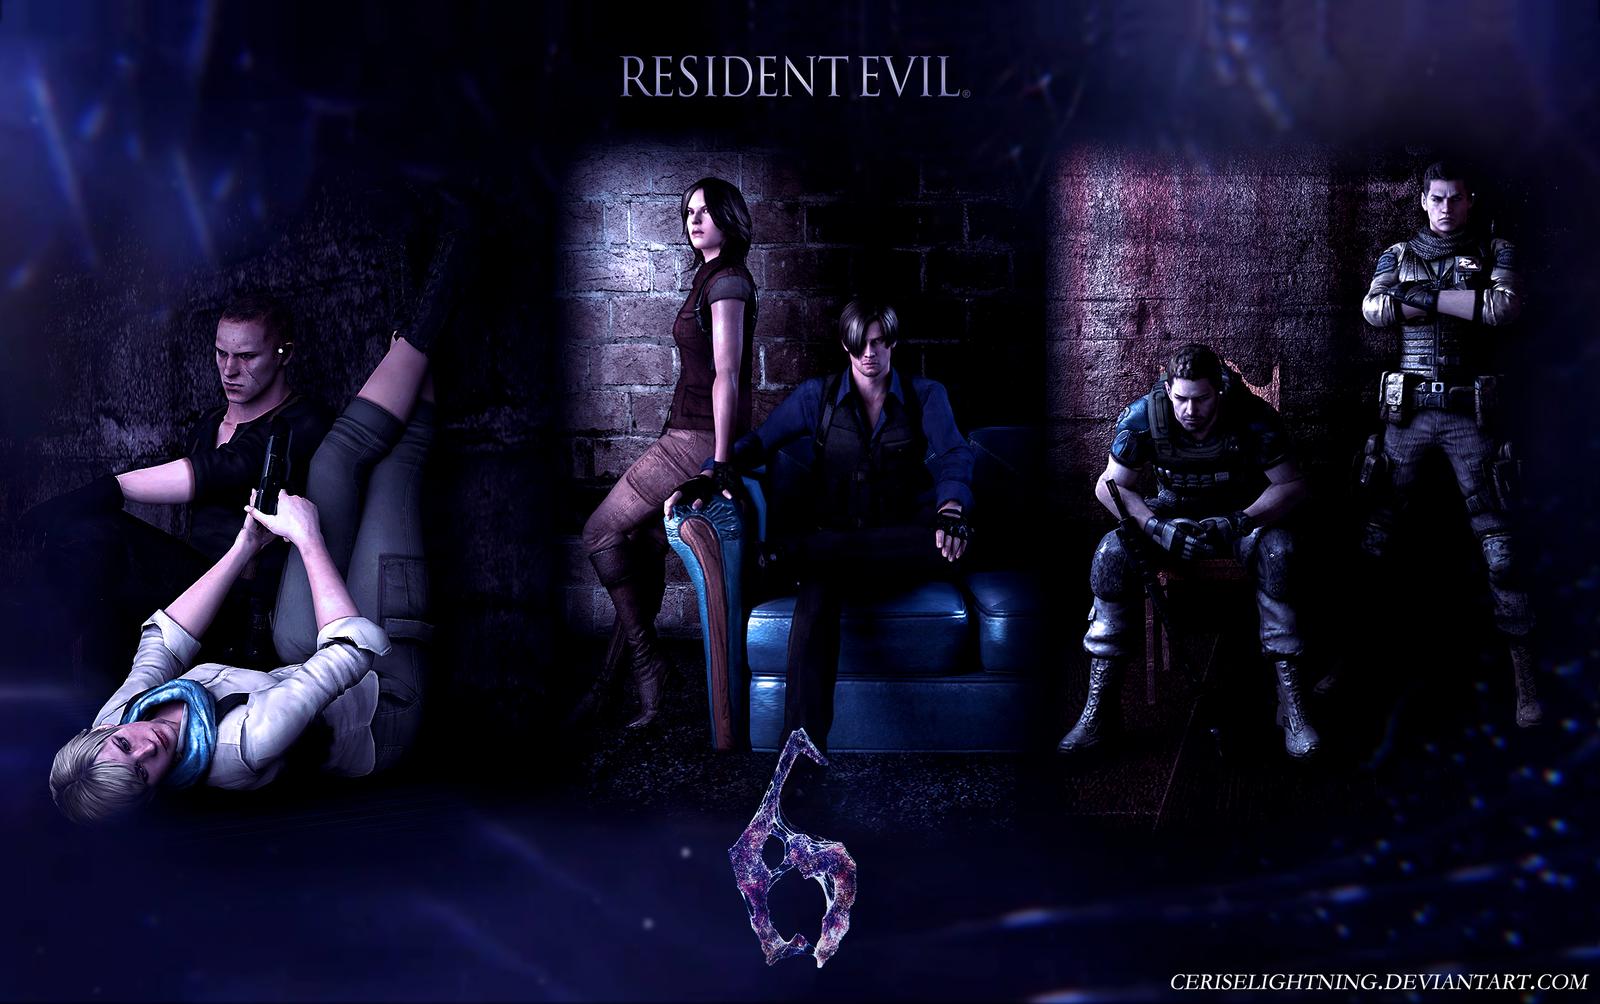 Resident Evil 6 Wallpaper by ceriselightning 1600x1004